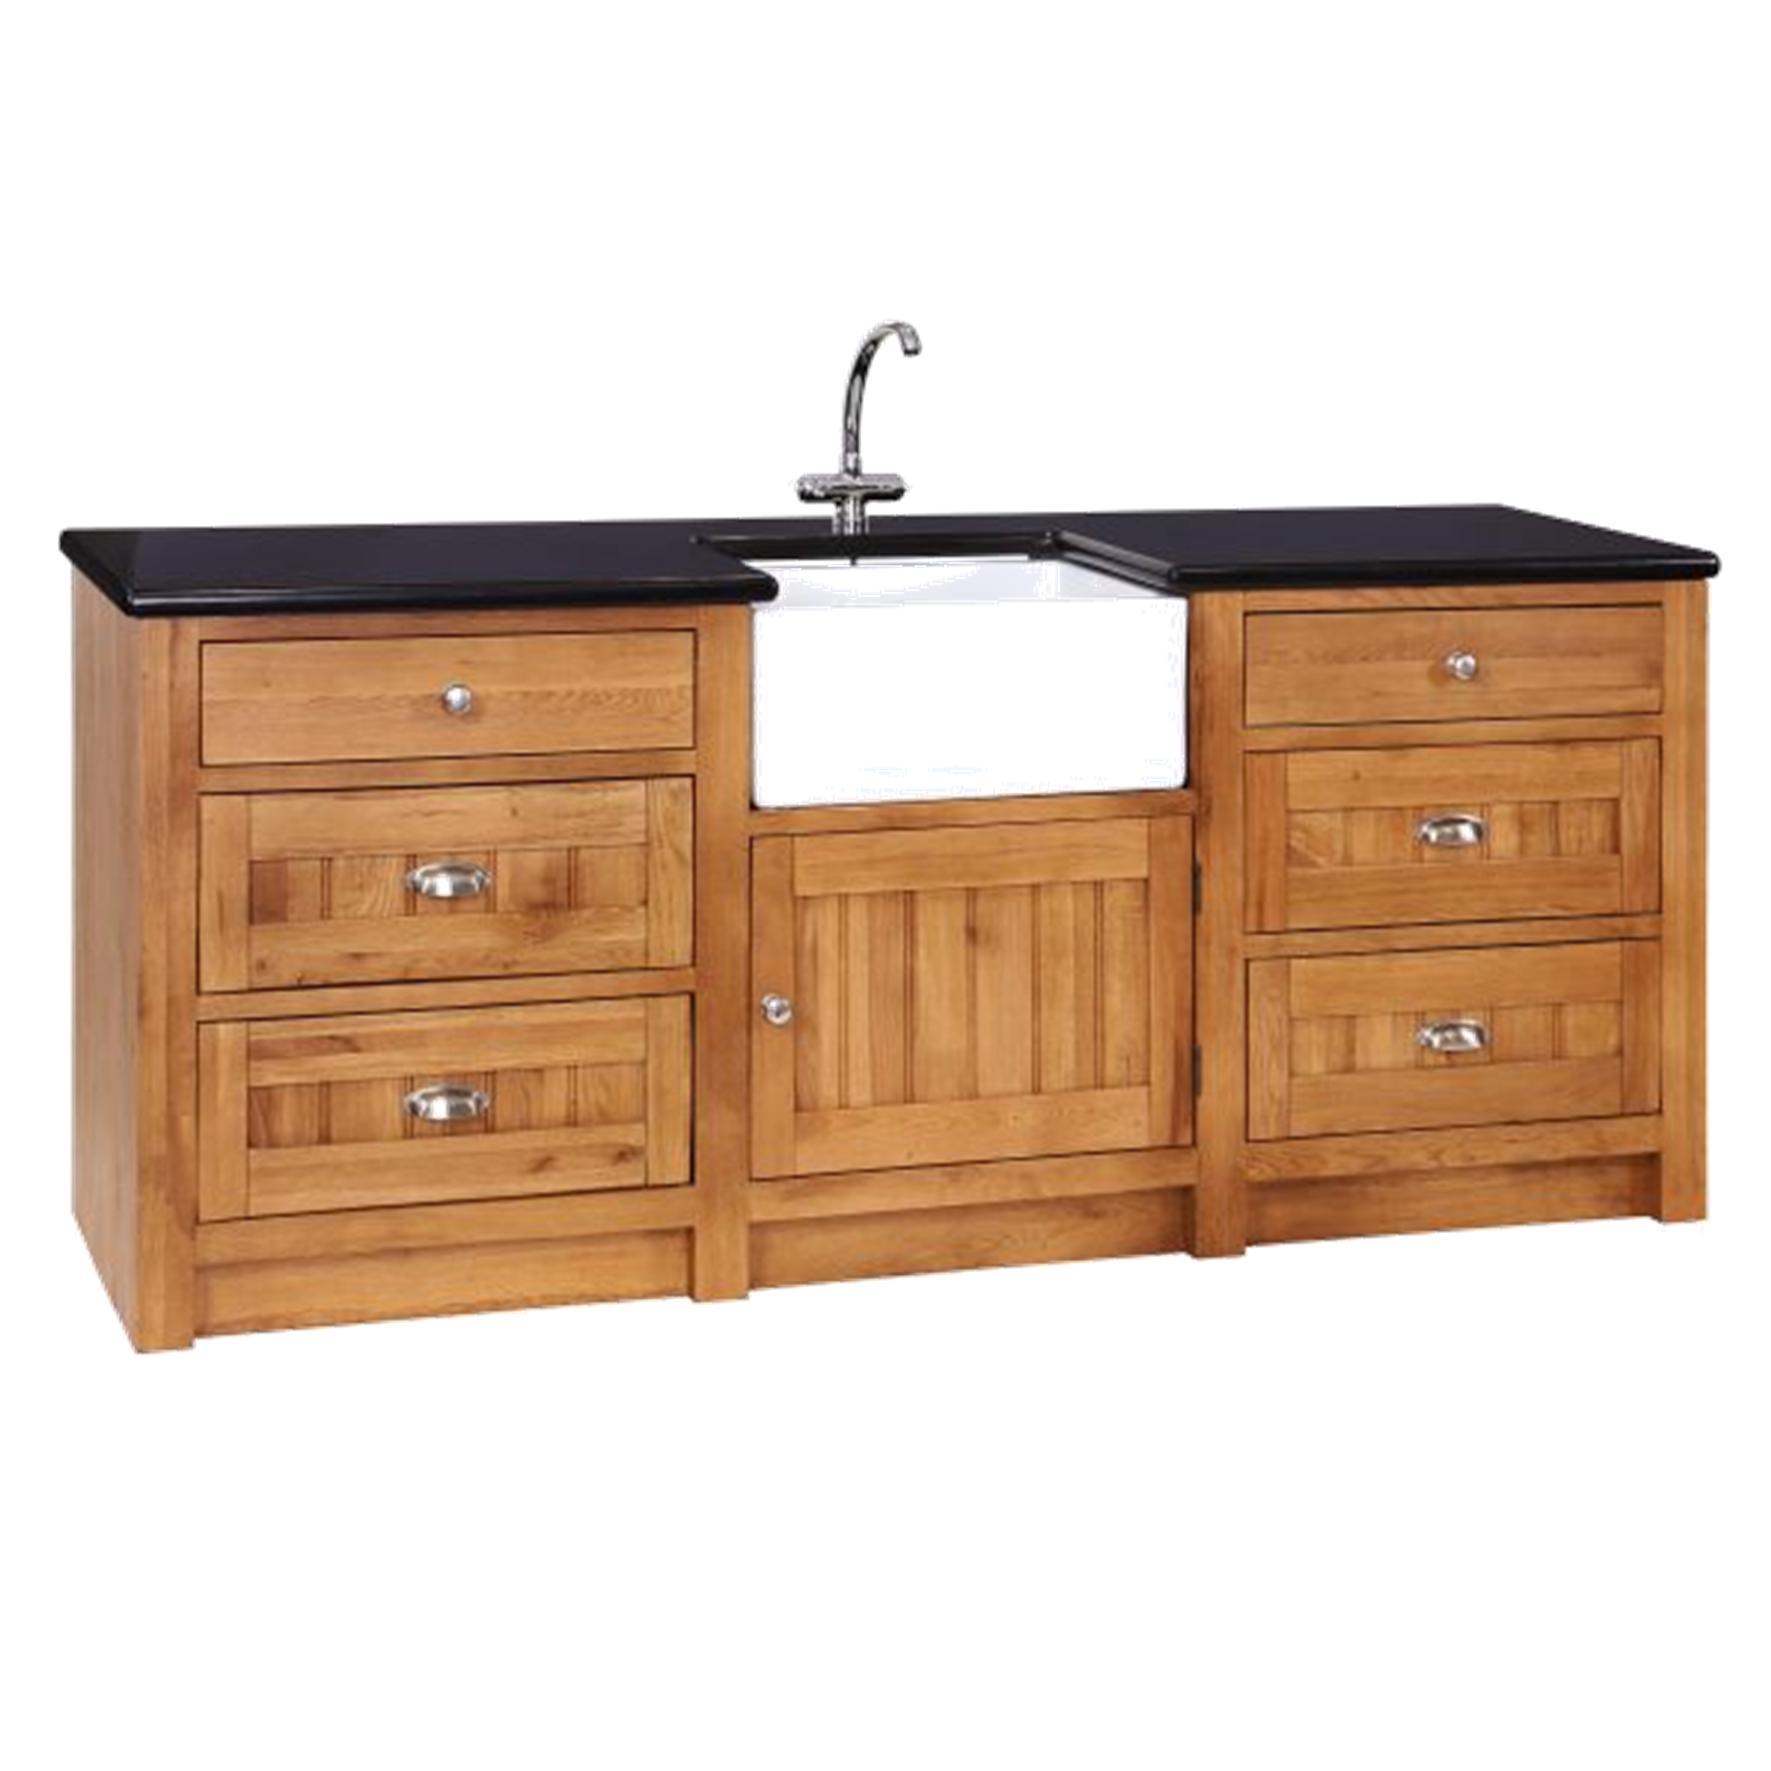 Oak Sink Unit 1 Door & 6 Drawers